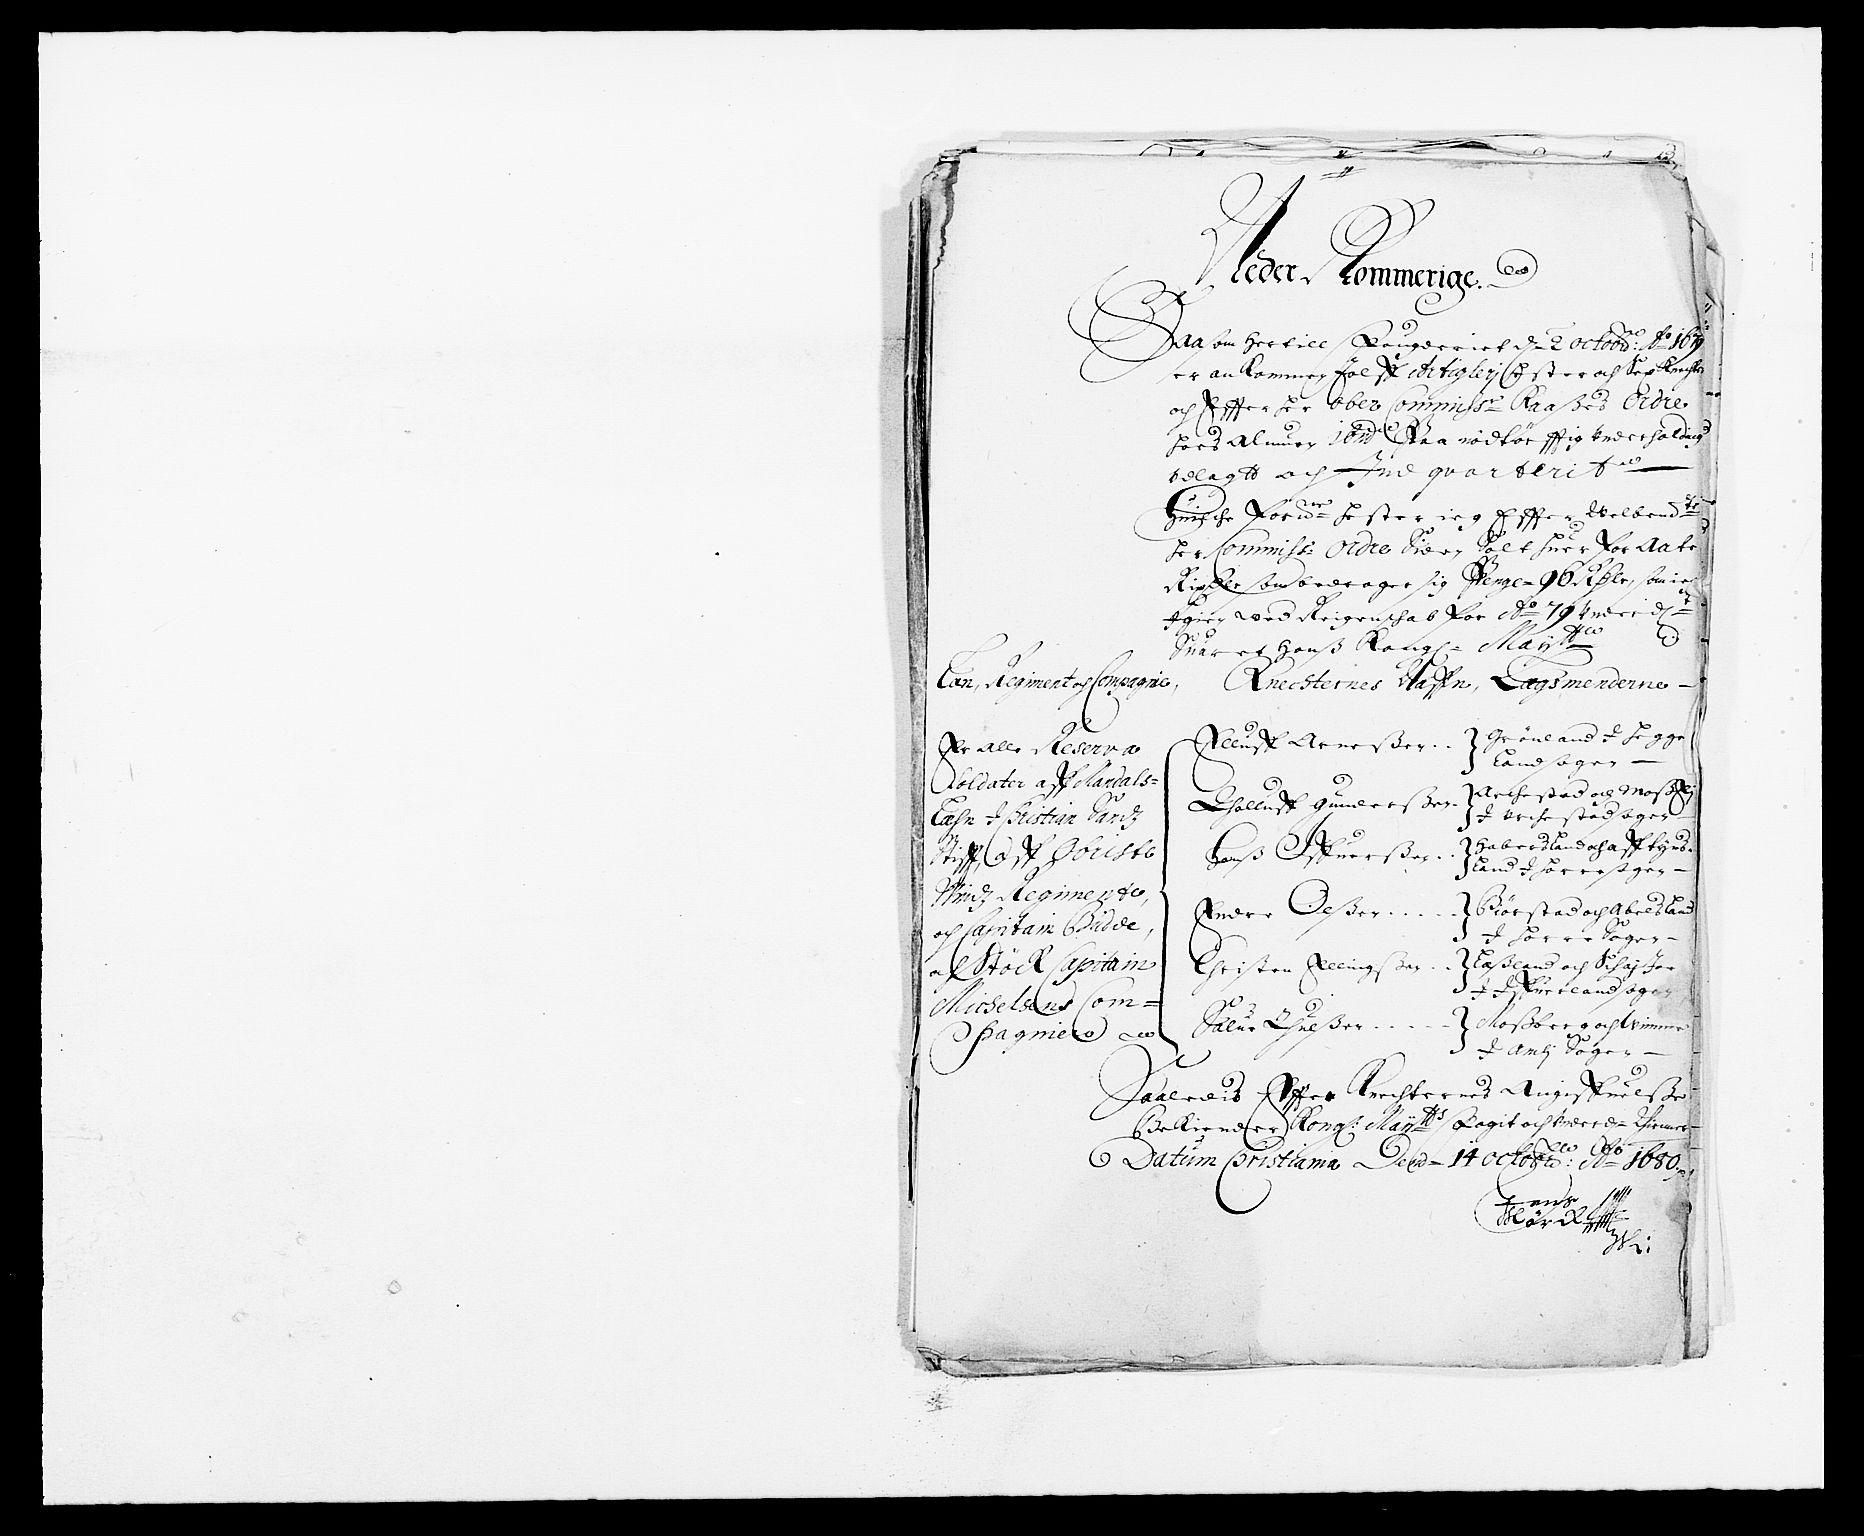 RA, Rentekammeret inntil 1814, Reviderte regnskaper, Fogderegnskap, R11/L0568: Fogderegnskap Nedre Romerike, 1679, s. 248